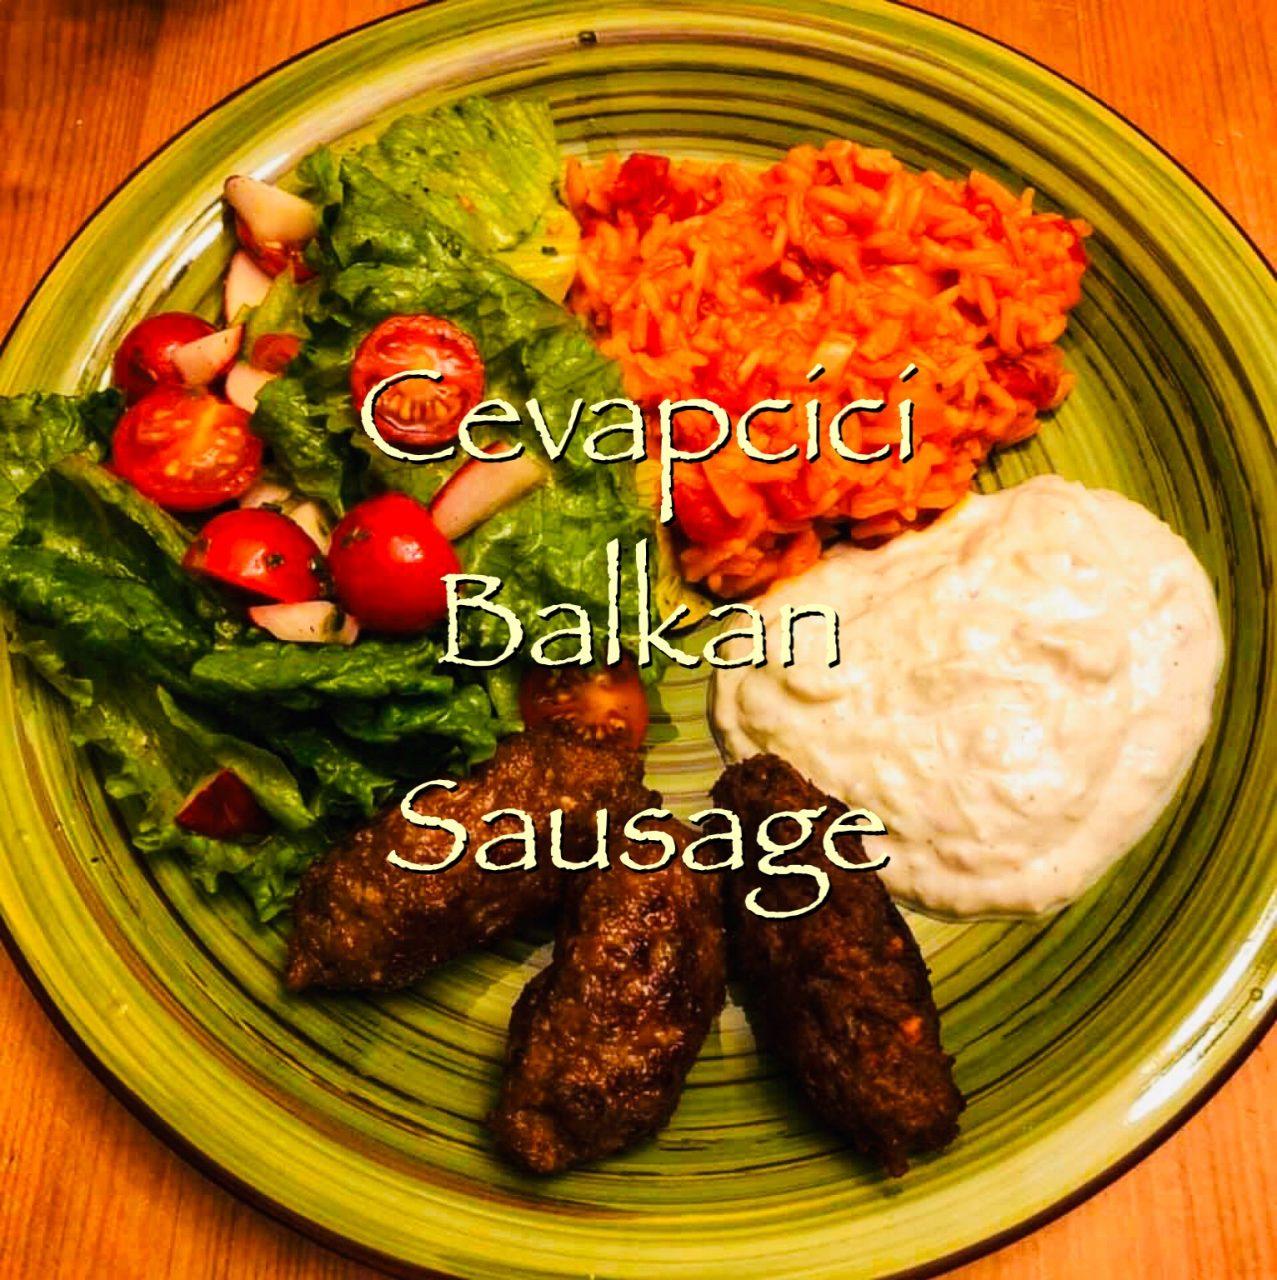 Cevapcici, a Balkan sausage